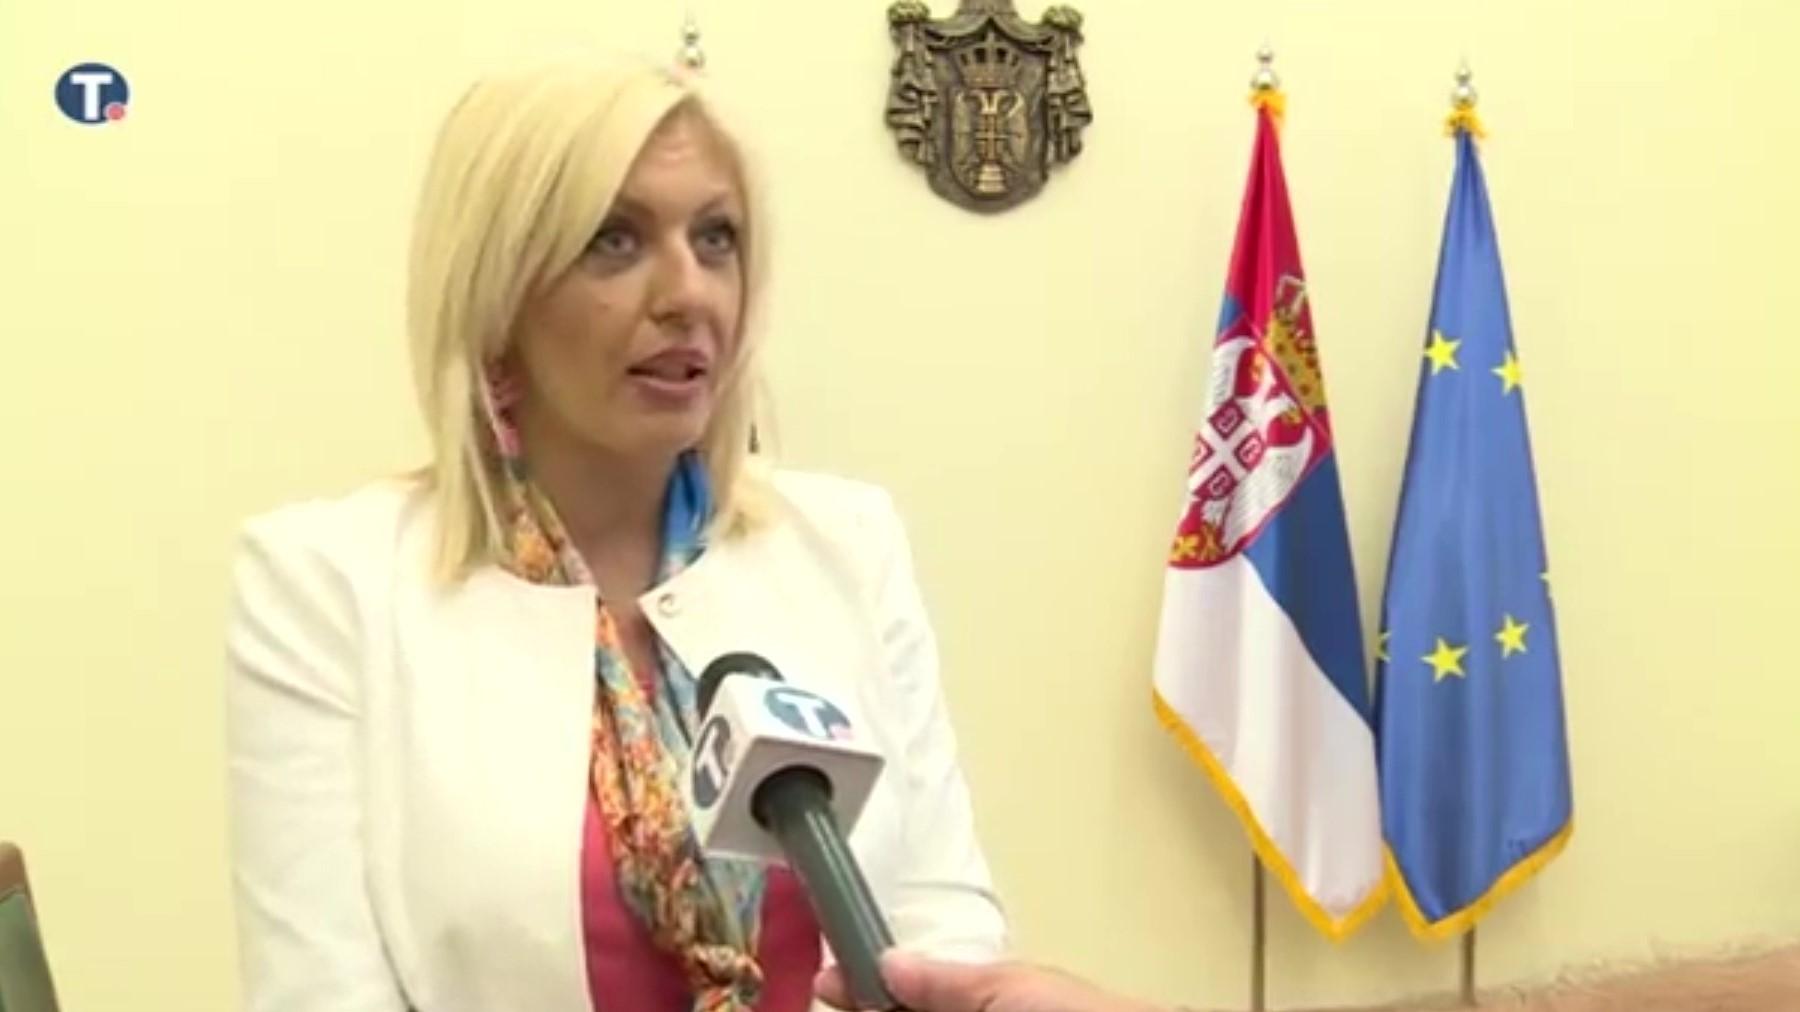 Beogradi kërkon një datë konkrete për anëtarësim nga BE